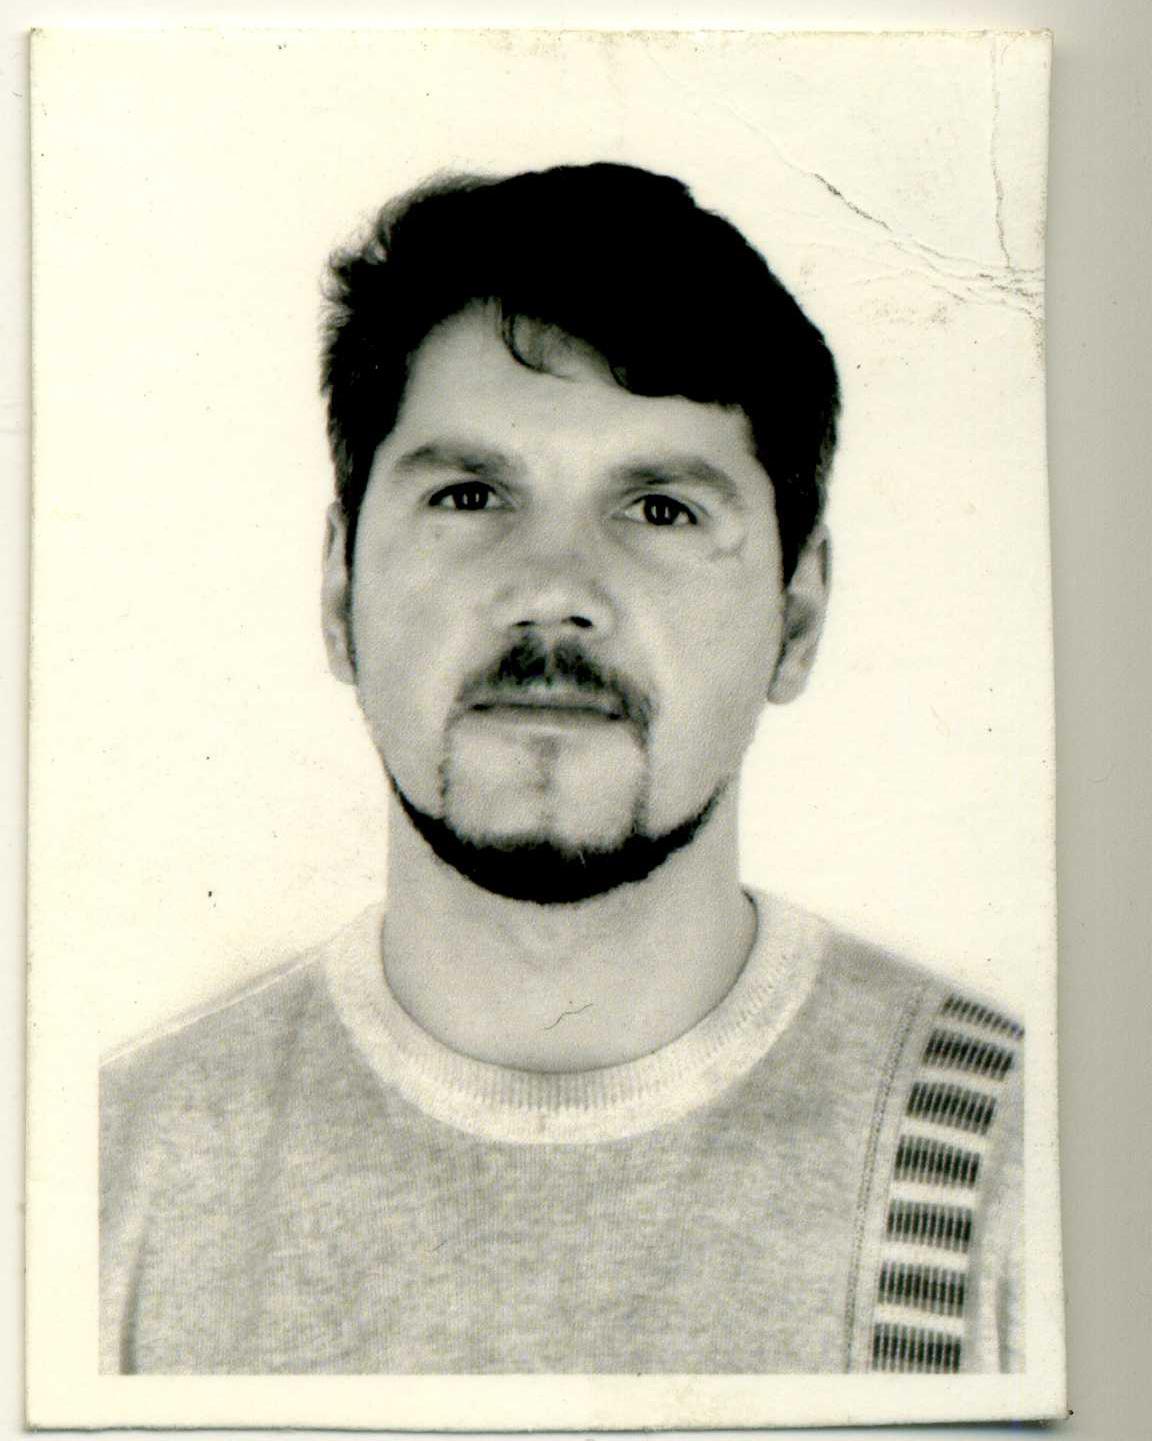 Nikolai Levkovsky